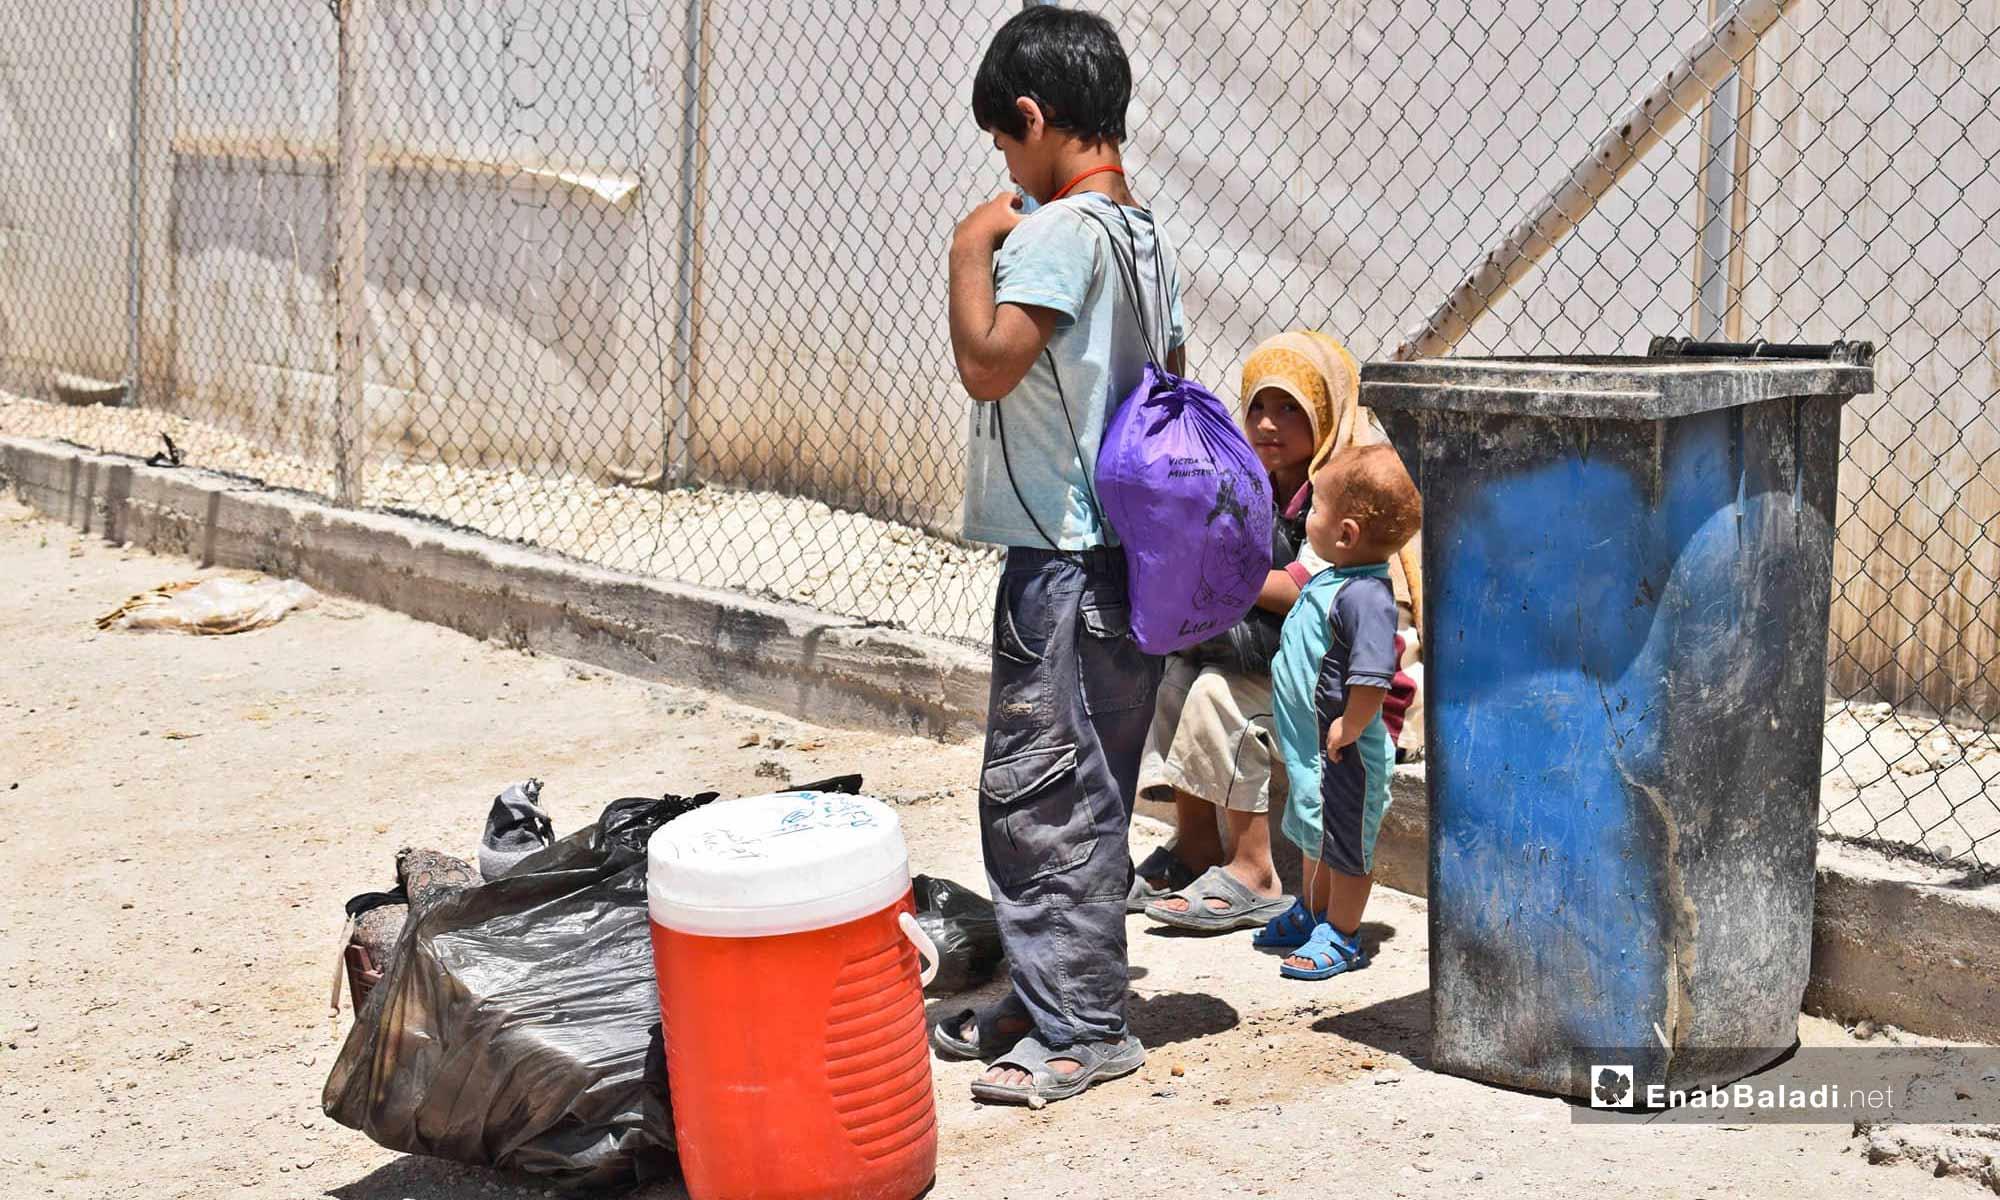 Children in the al-Hawl Camp in rural al-Hasakah, east of the Euphrates – June 25, 2019 (Enab Baladi)